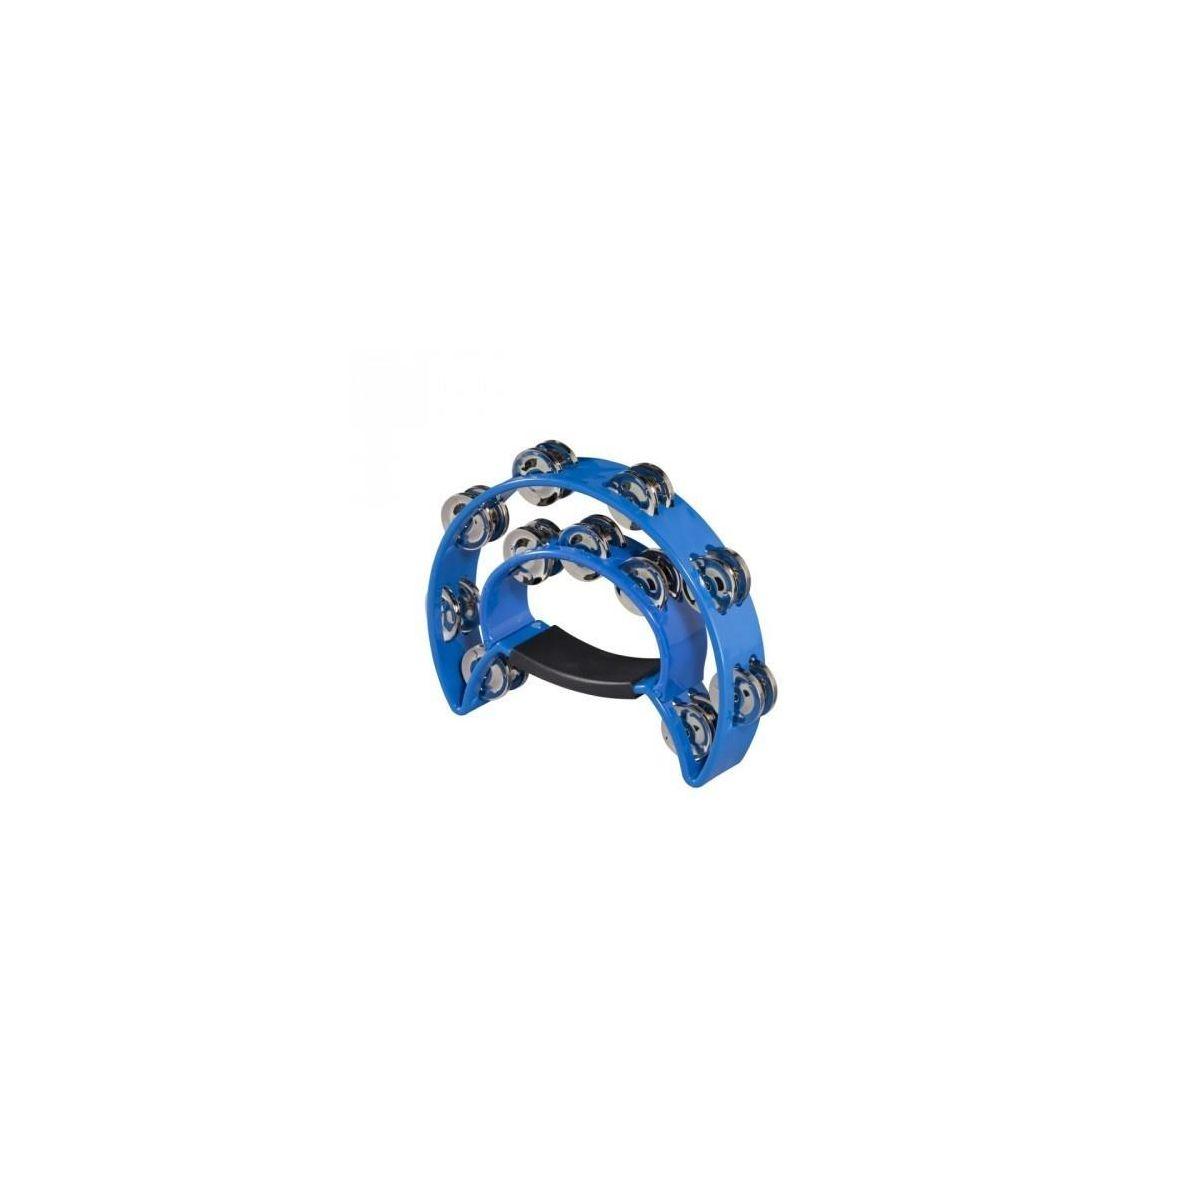 Cembalo Peace mezzaluna doppia fila sonagli plastica blu